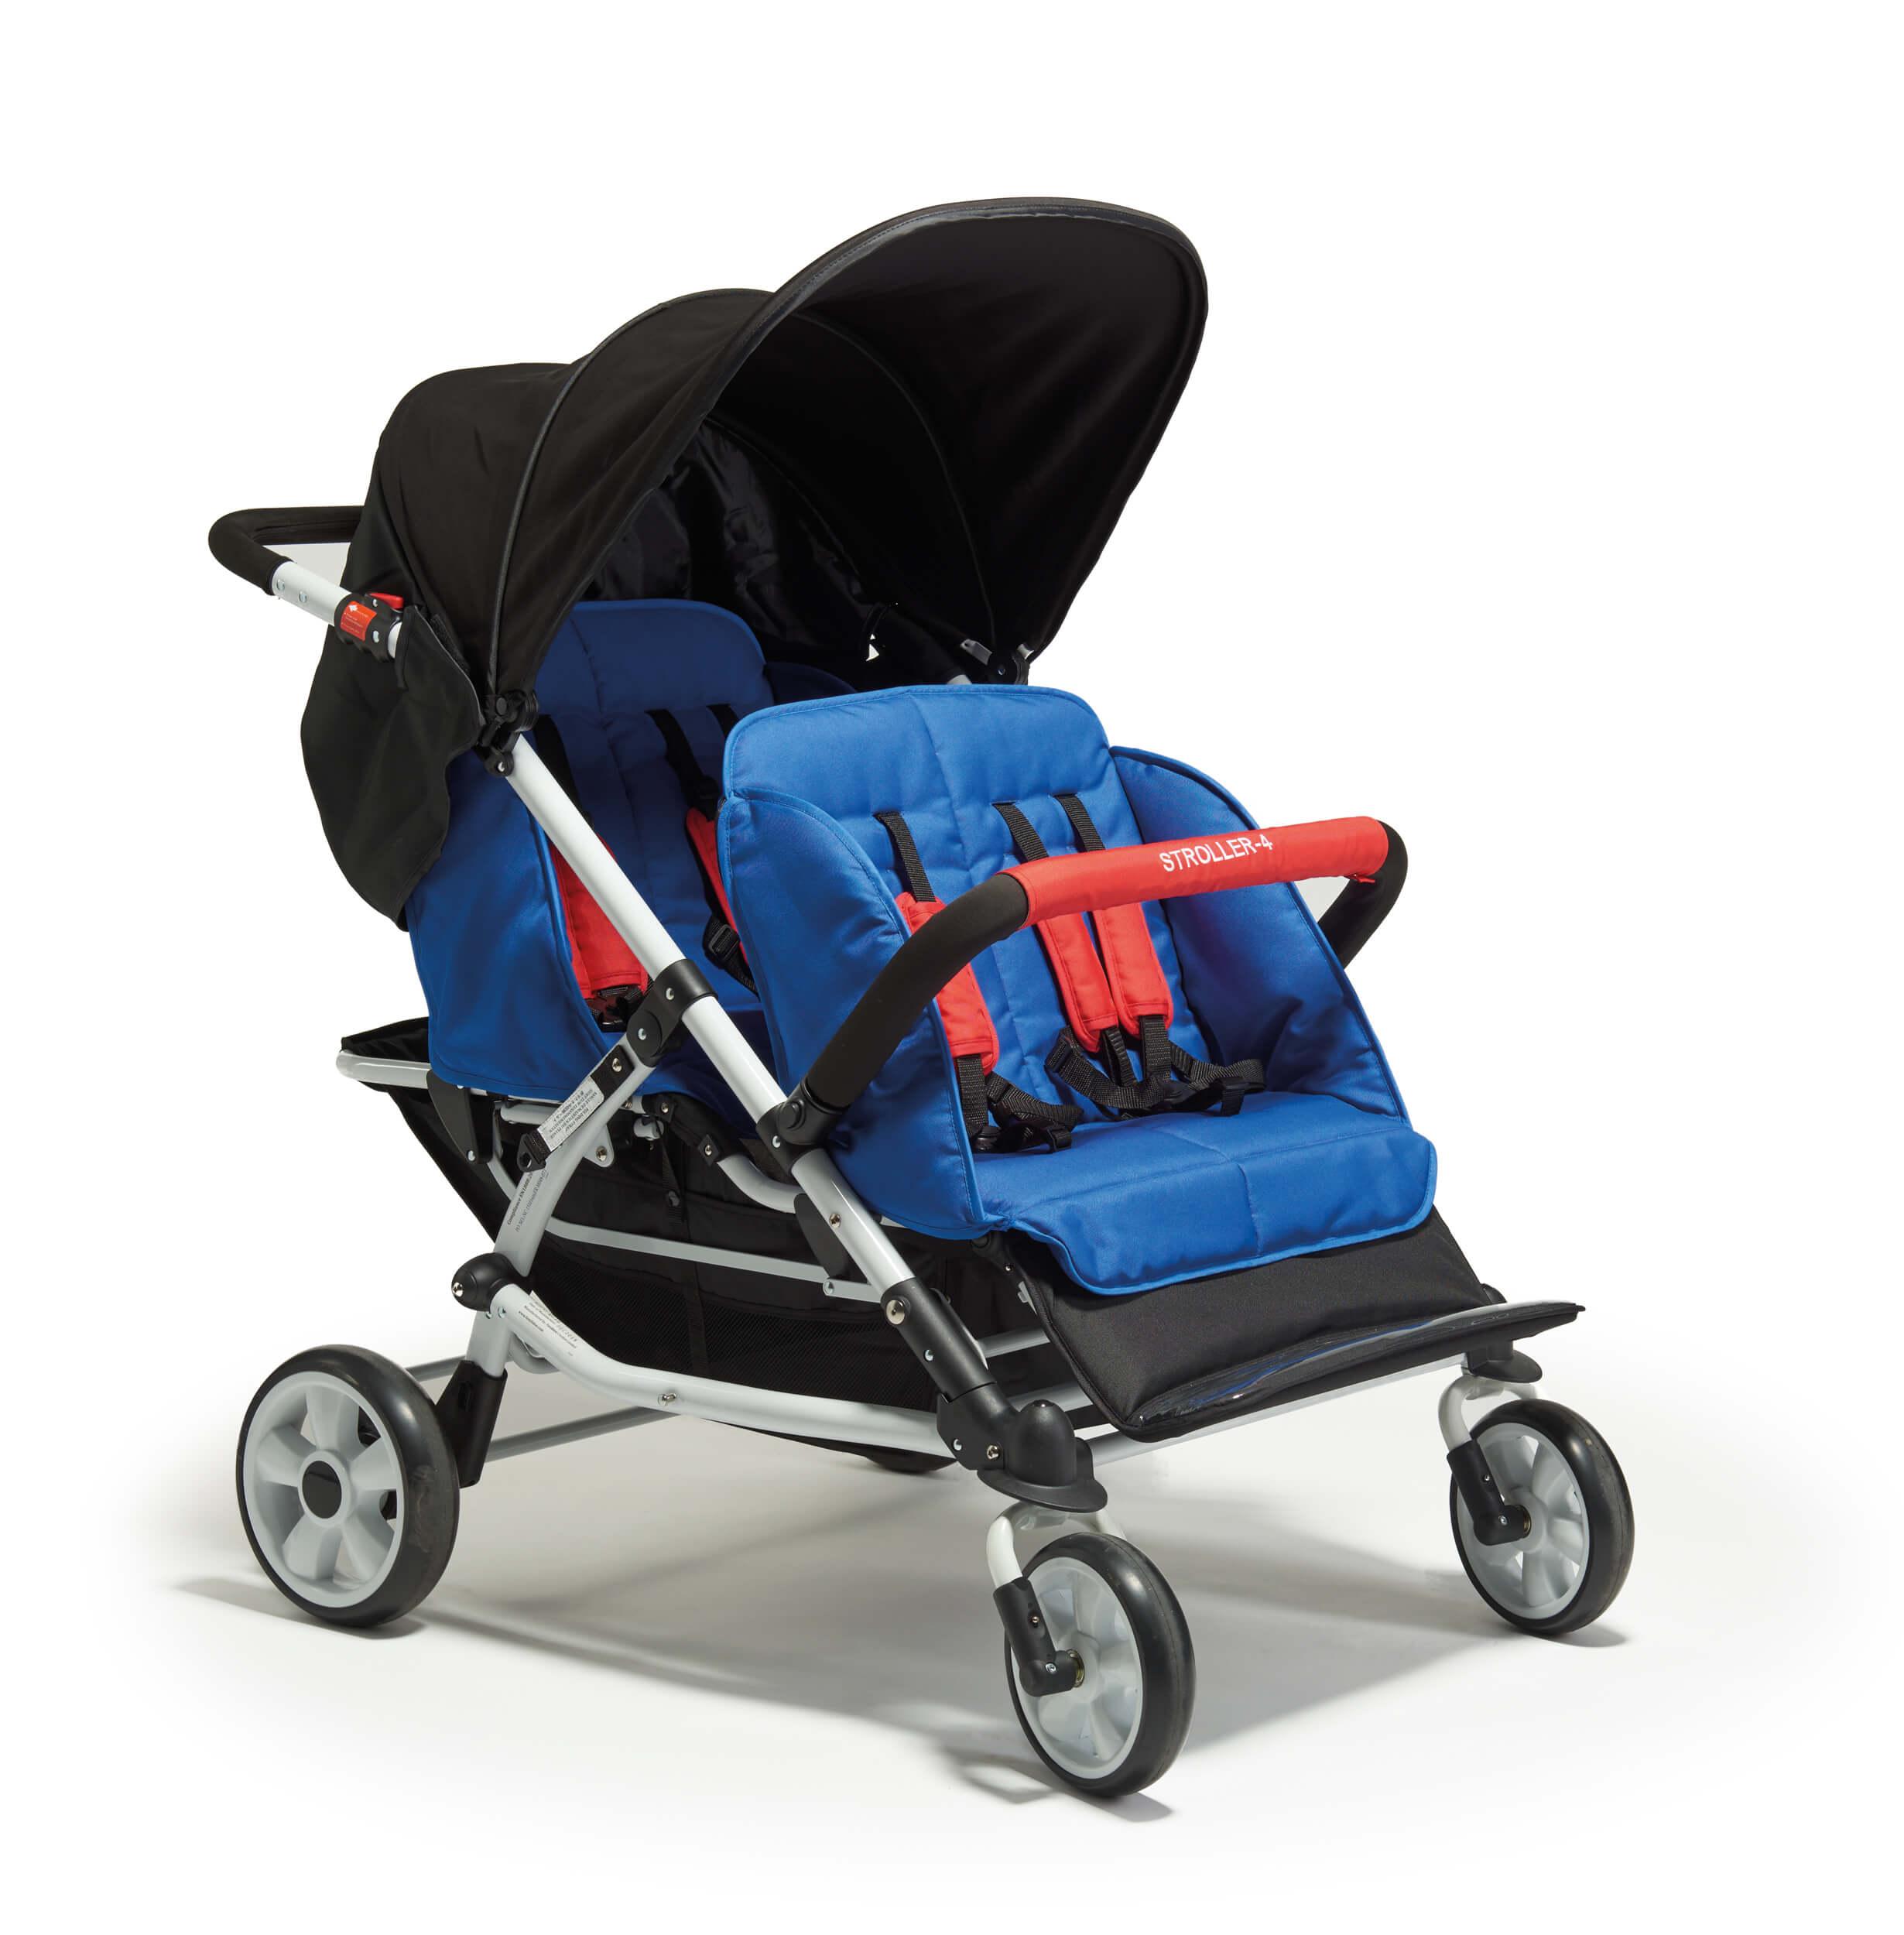 kita krippenwagen buggy 4 kids st 4. Black Bedroom Furniture Sets. Home Design Ideas